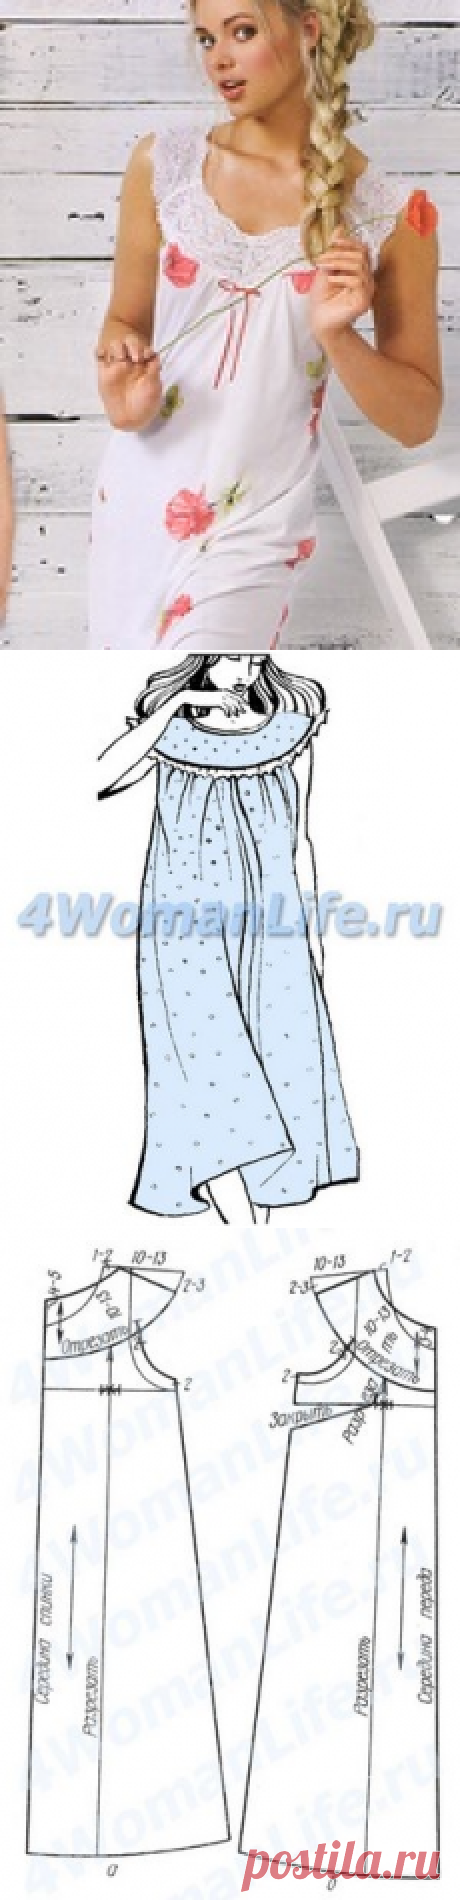 Выкройки ночных сорочек или пижама фото 136